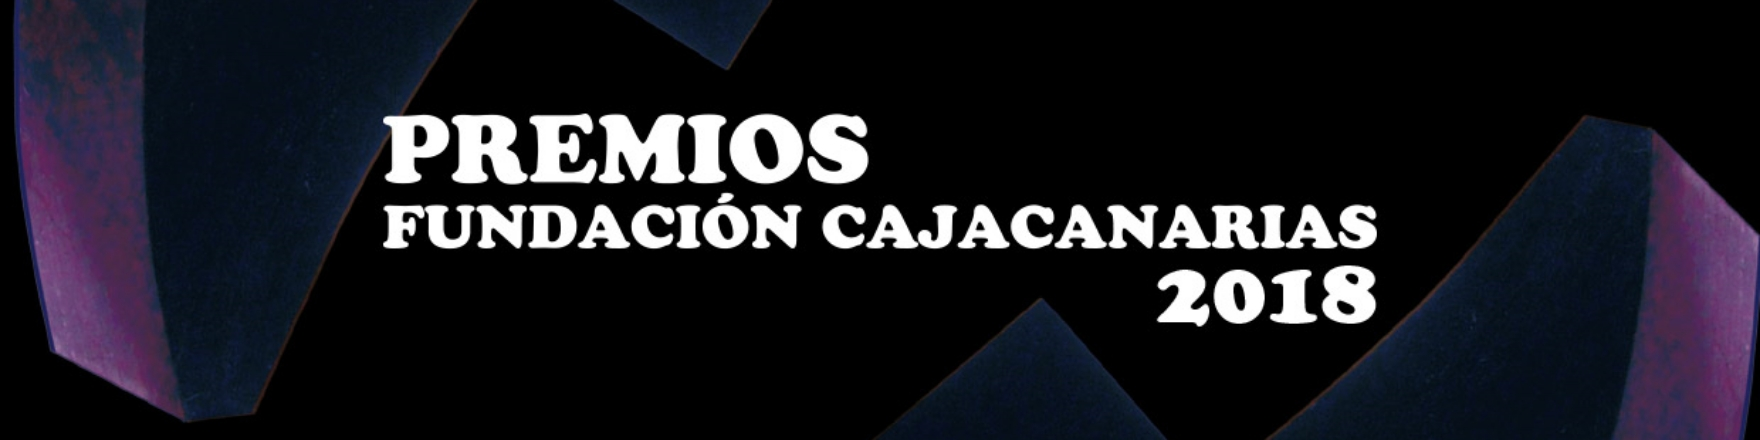 cabecera fcc 2018